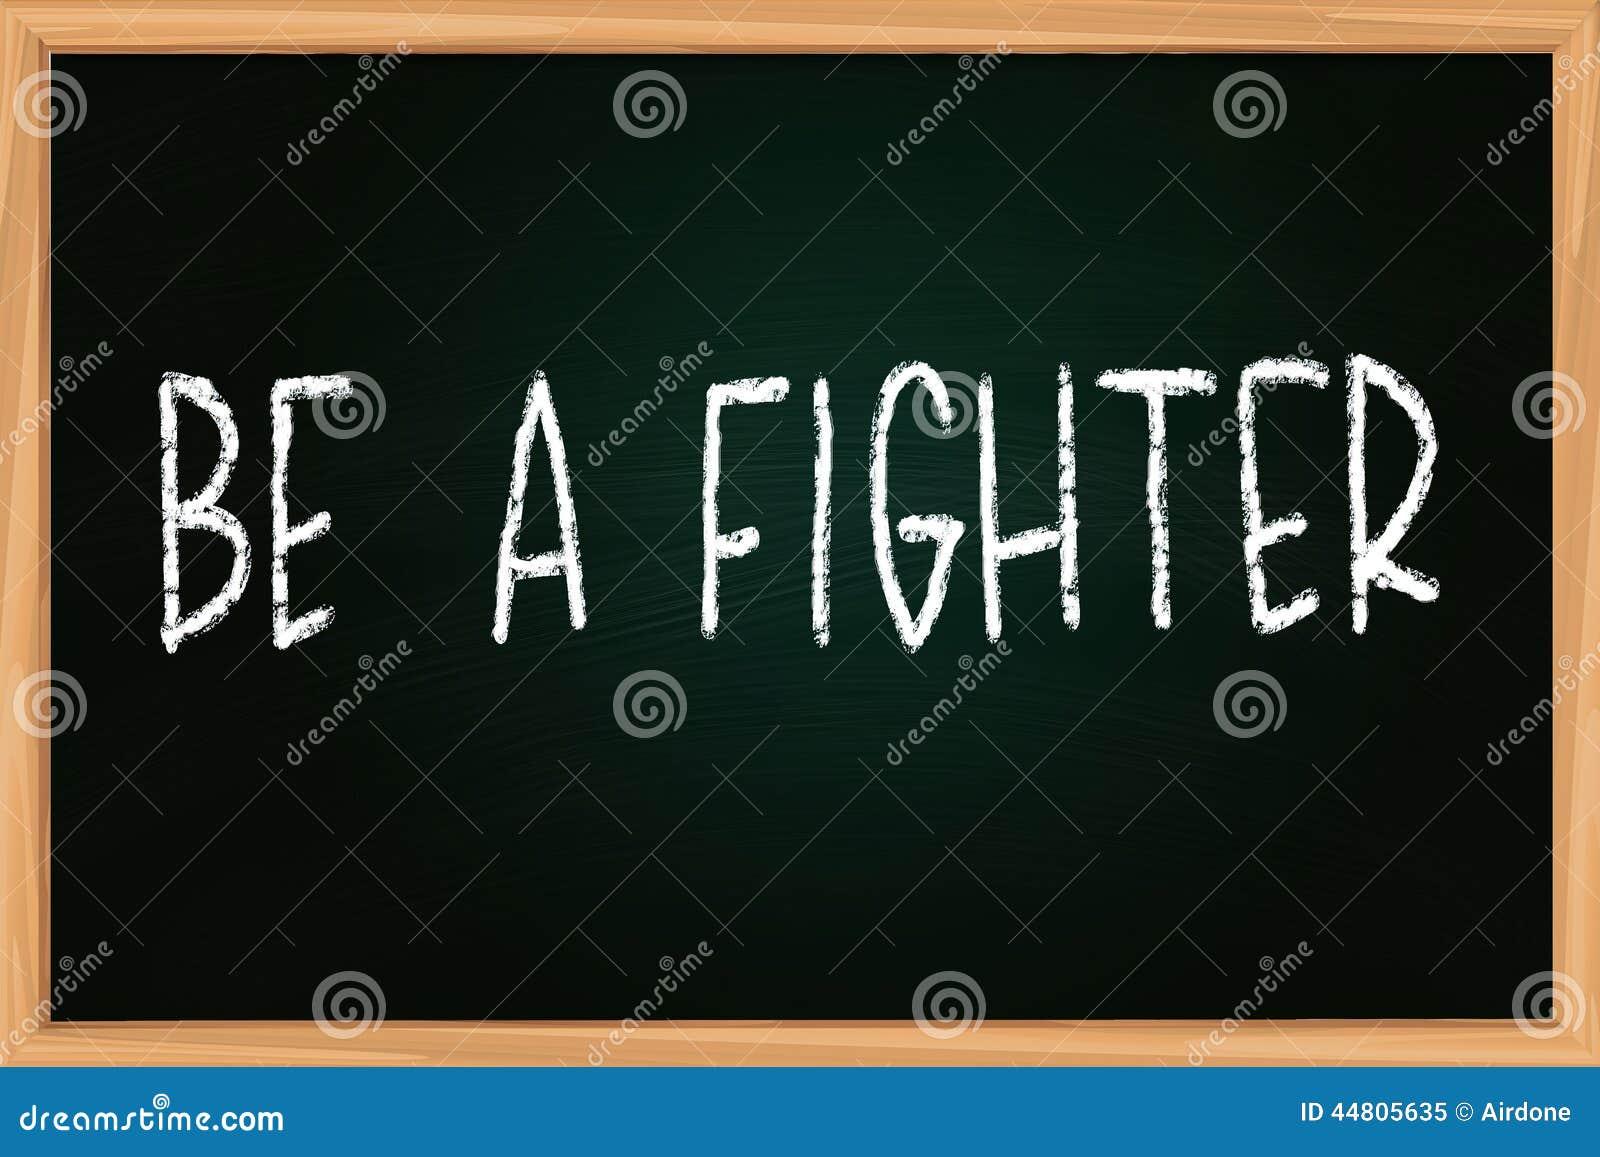 Ben een Vechter